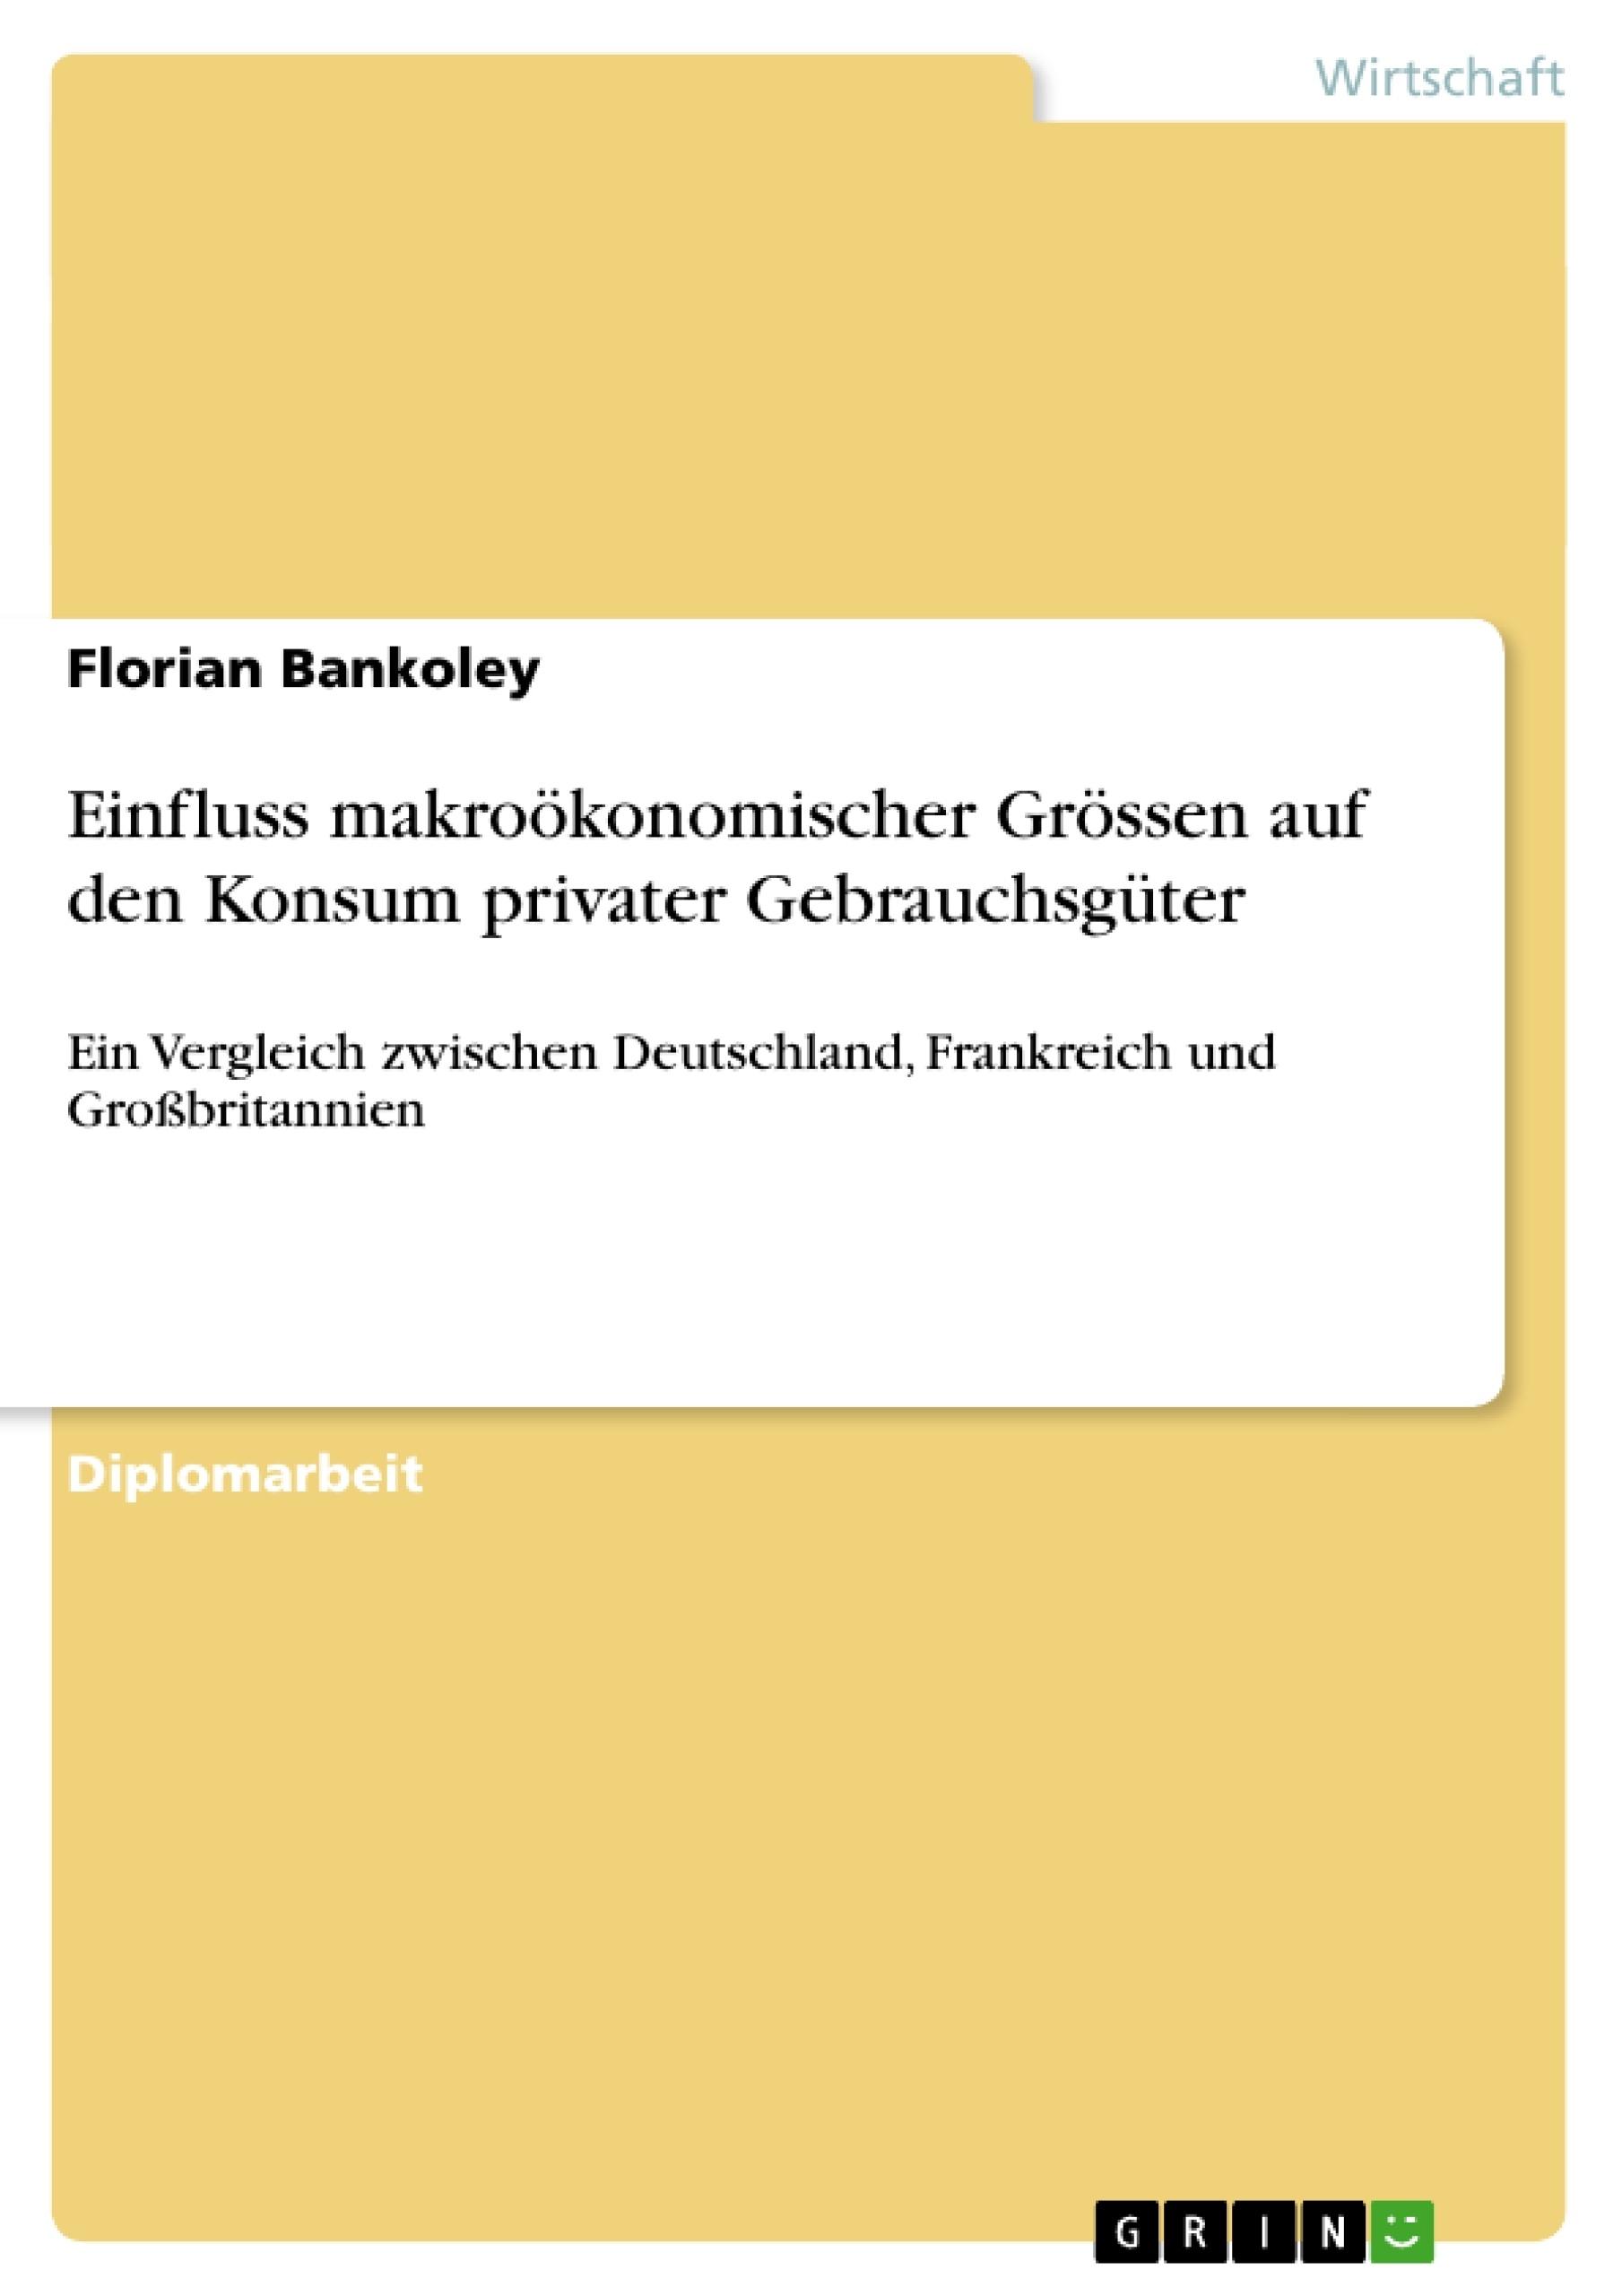 Titel: Einfluss makroökonomischer Grössen auf den Konsum privater Gebrauchsgüter